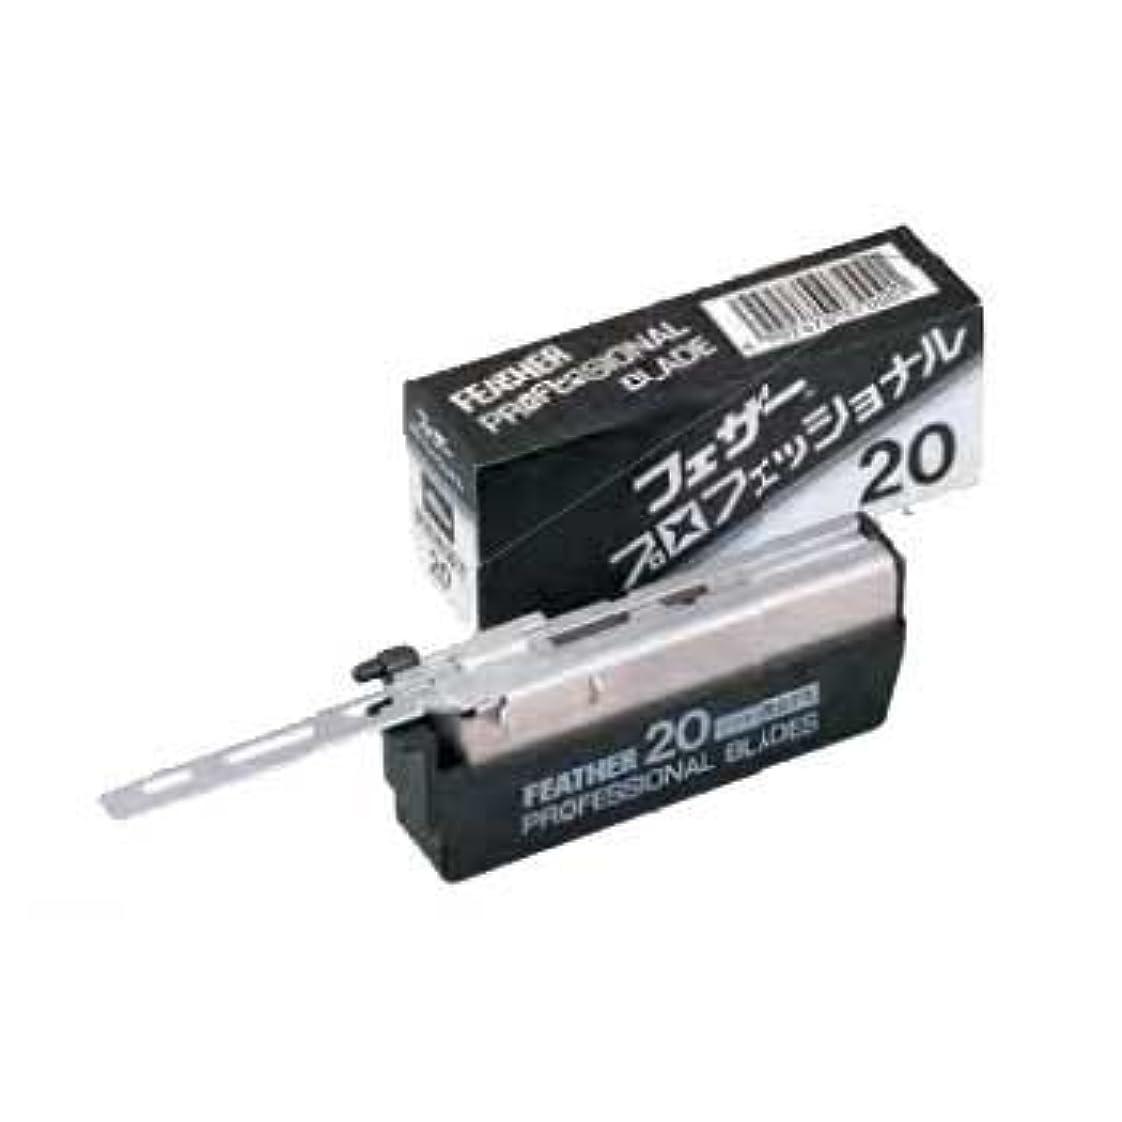 信じるキャンディーインペリアルフェザー プロフェッショナル標準刃 PB-20 20枚×10 替刃 発売以来永年支持され続けるベーシックタイプはあらゆるヒゲに対応 FEATHER アーティストクラブ用替刃